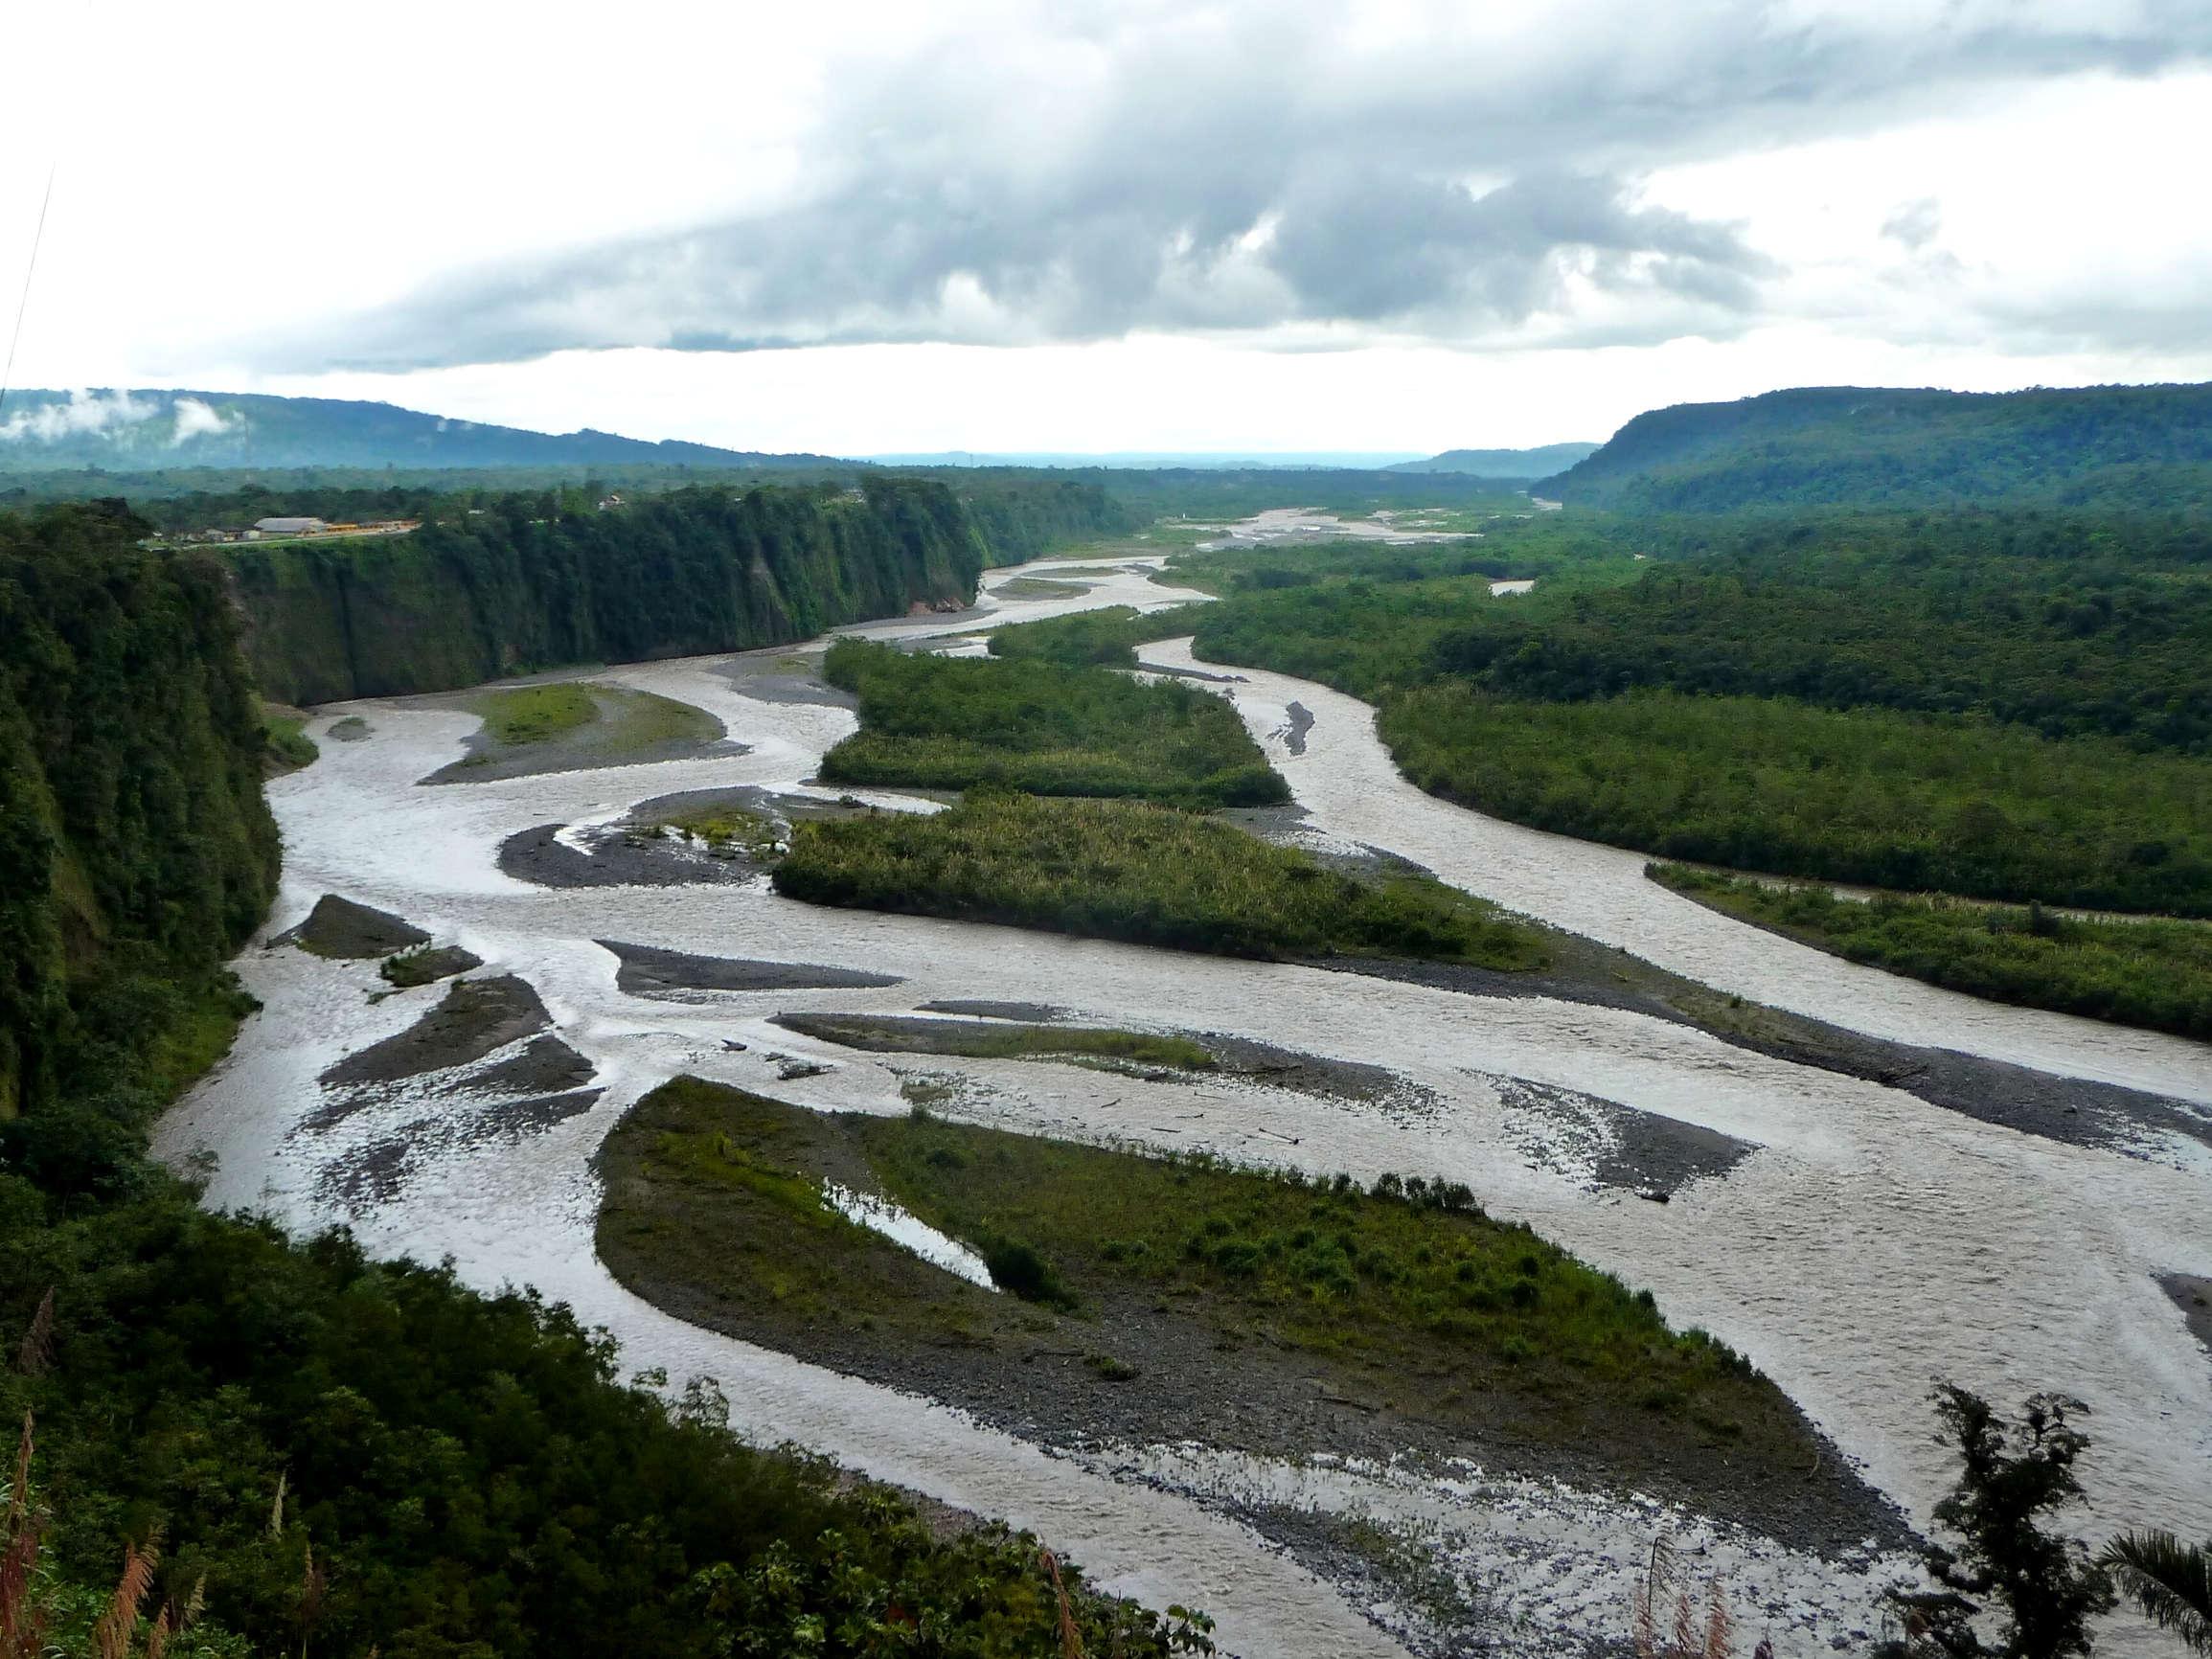 Der Pastaza Fluss eignet sich optimal für Rafting-Touren (Foto: Ondřej Žváček)